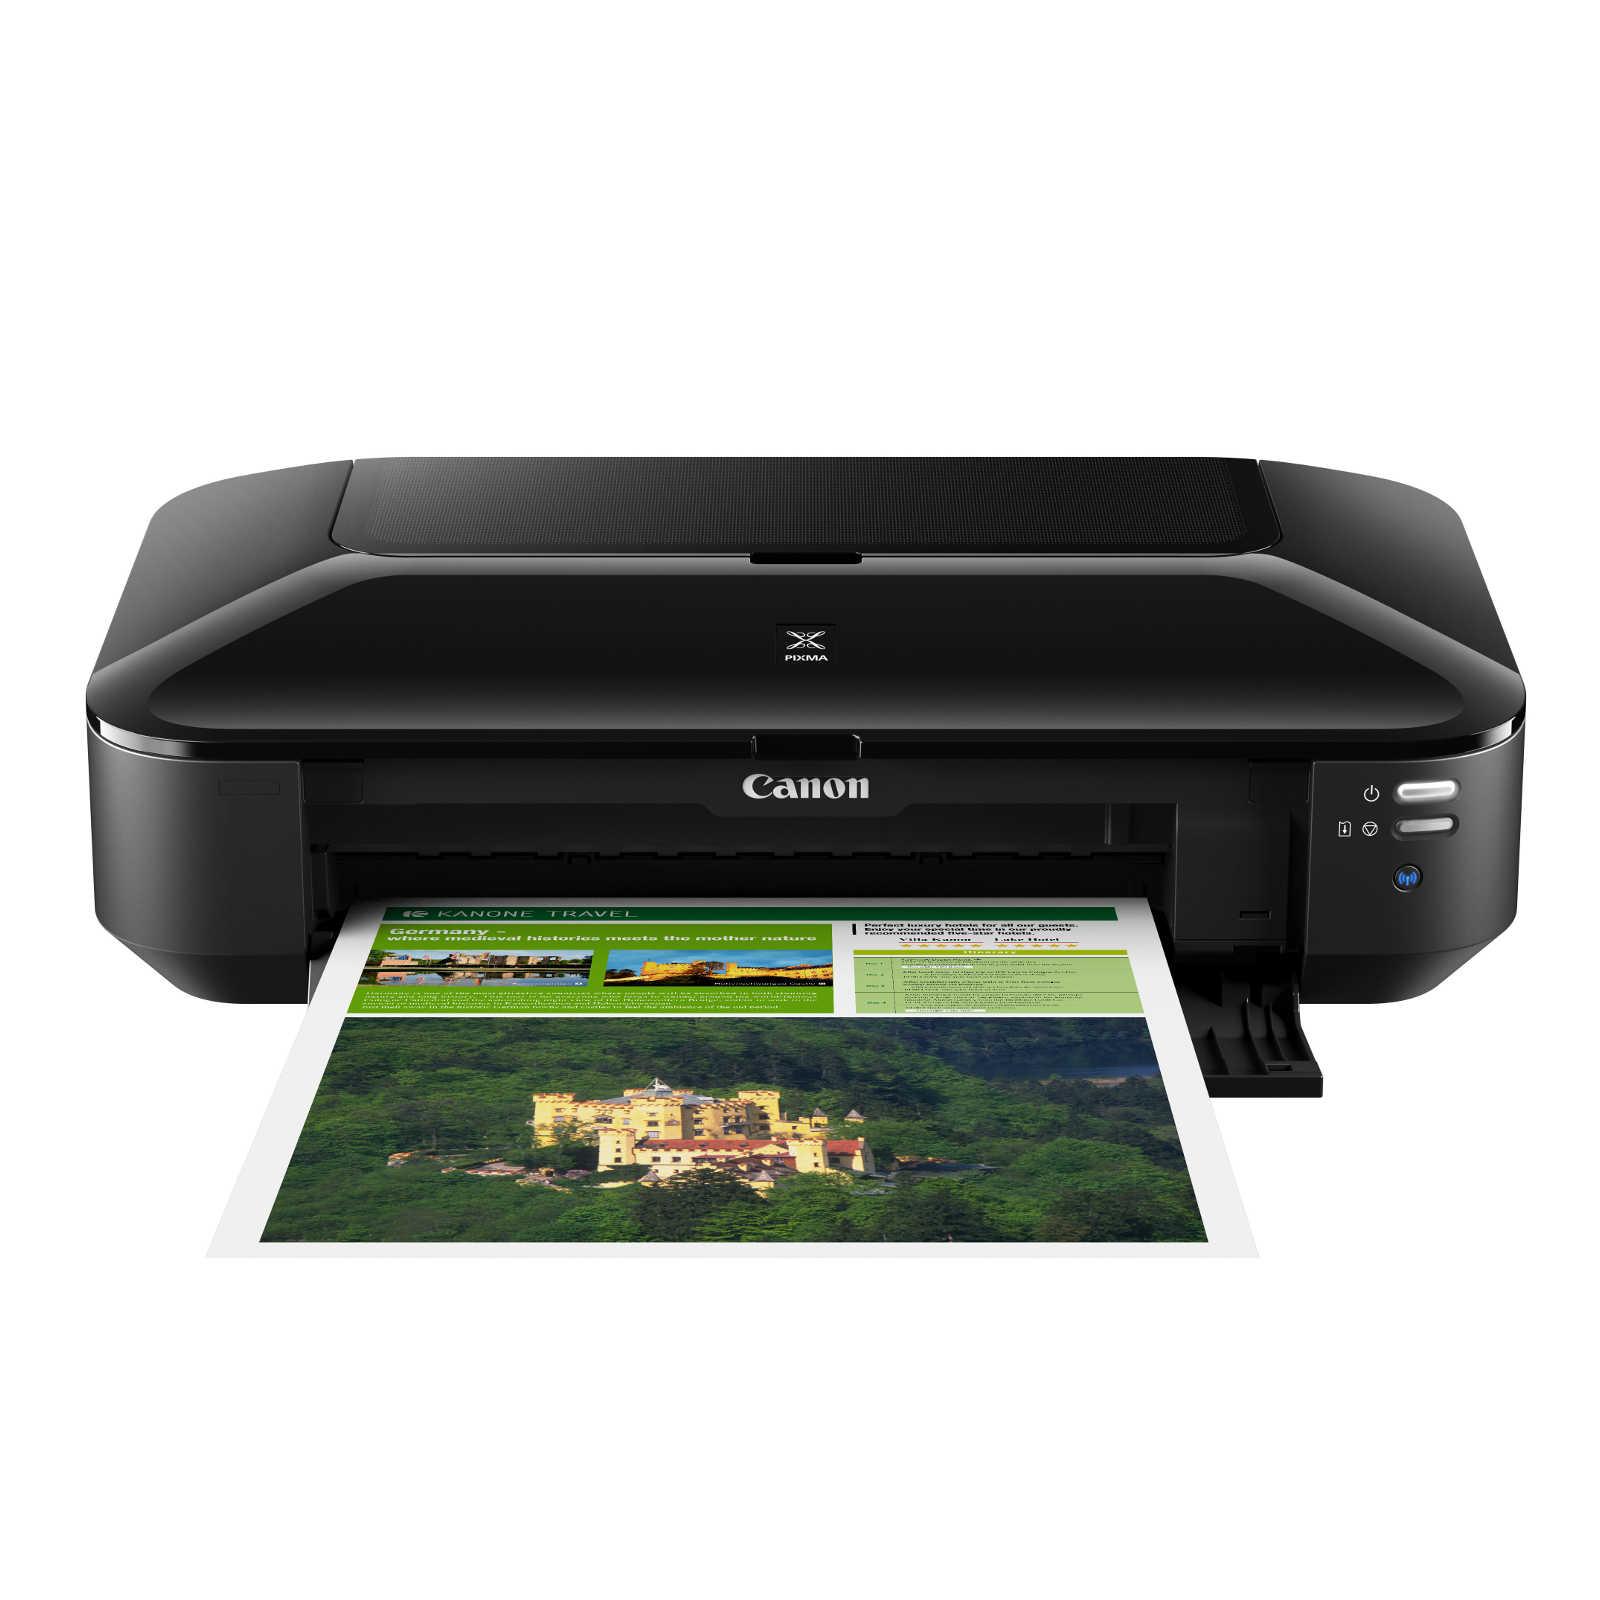 canon pixma ix6850 imprimante jet d 39 encre canon sur. Black Bedroom Furniture Sets. Home Design Ideas